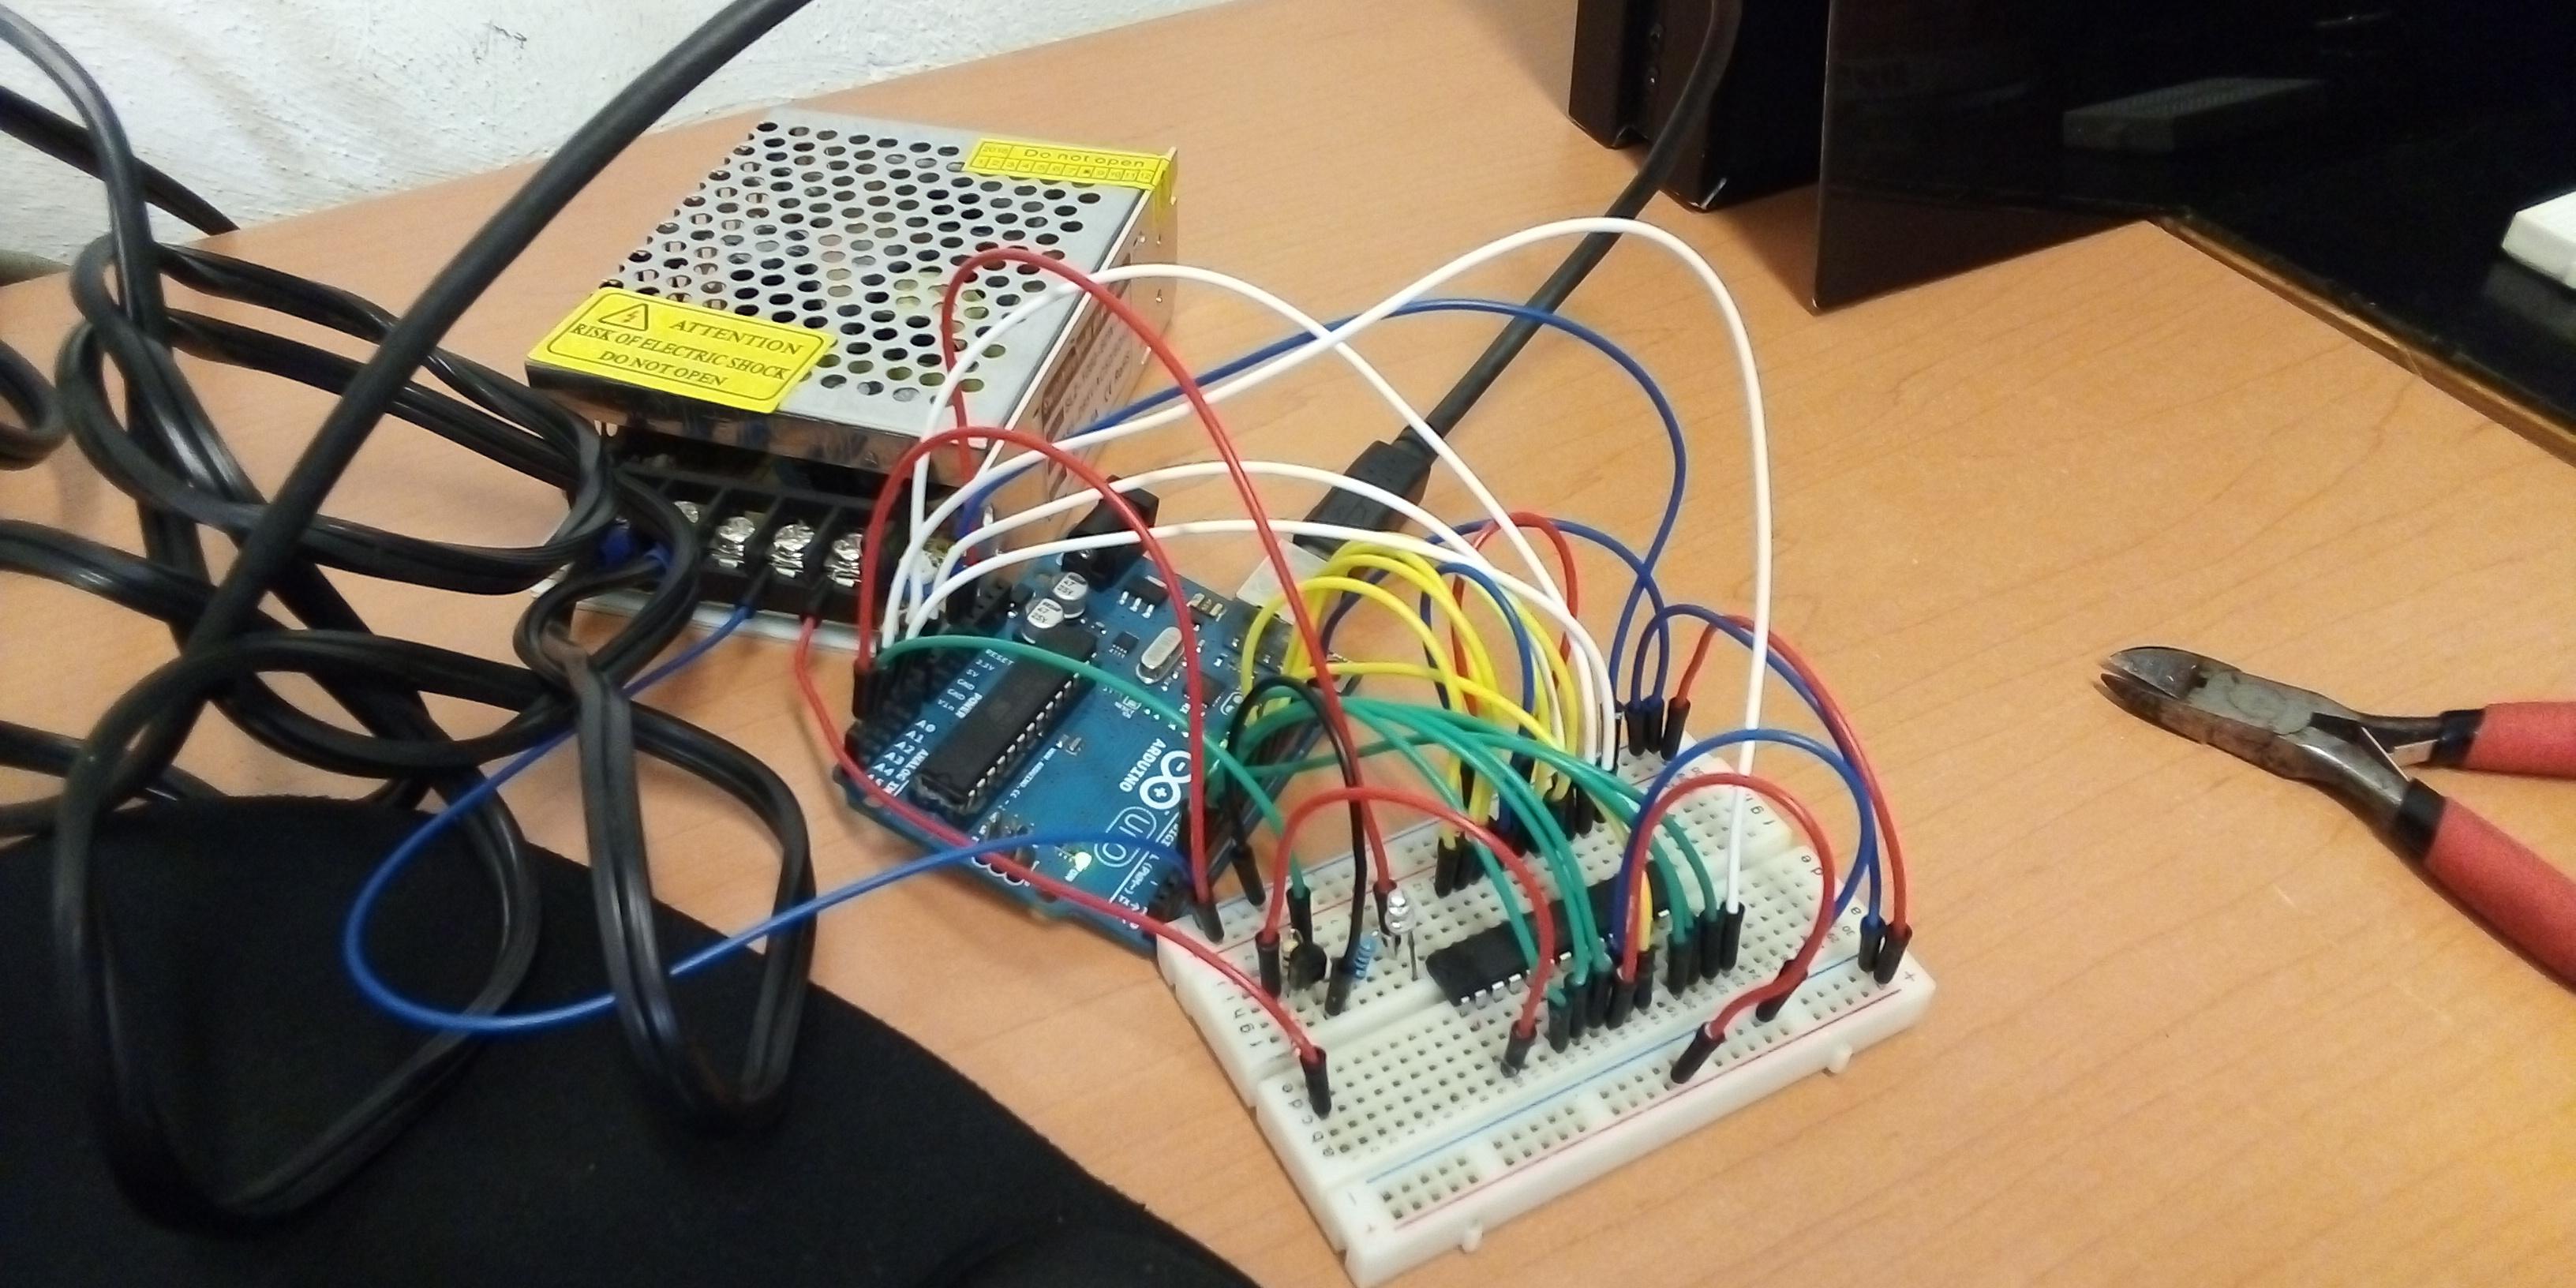 AVR HVPP Configurator